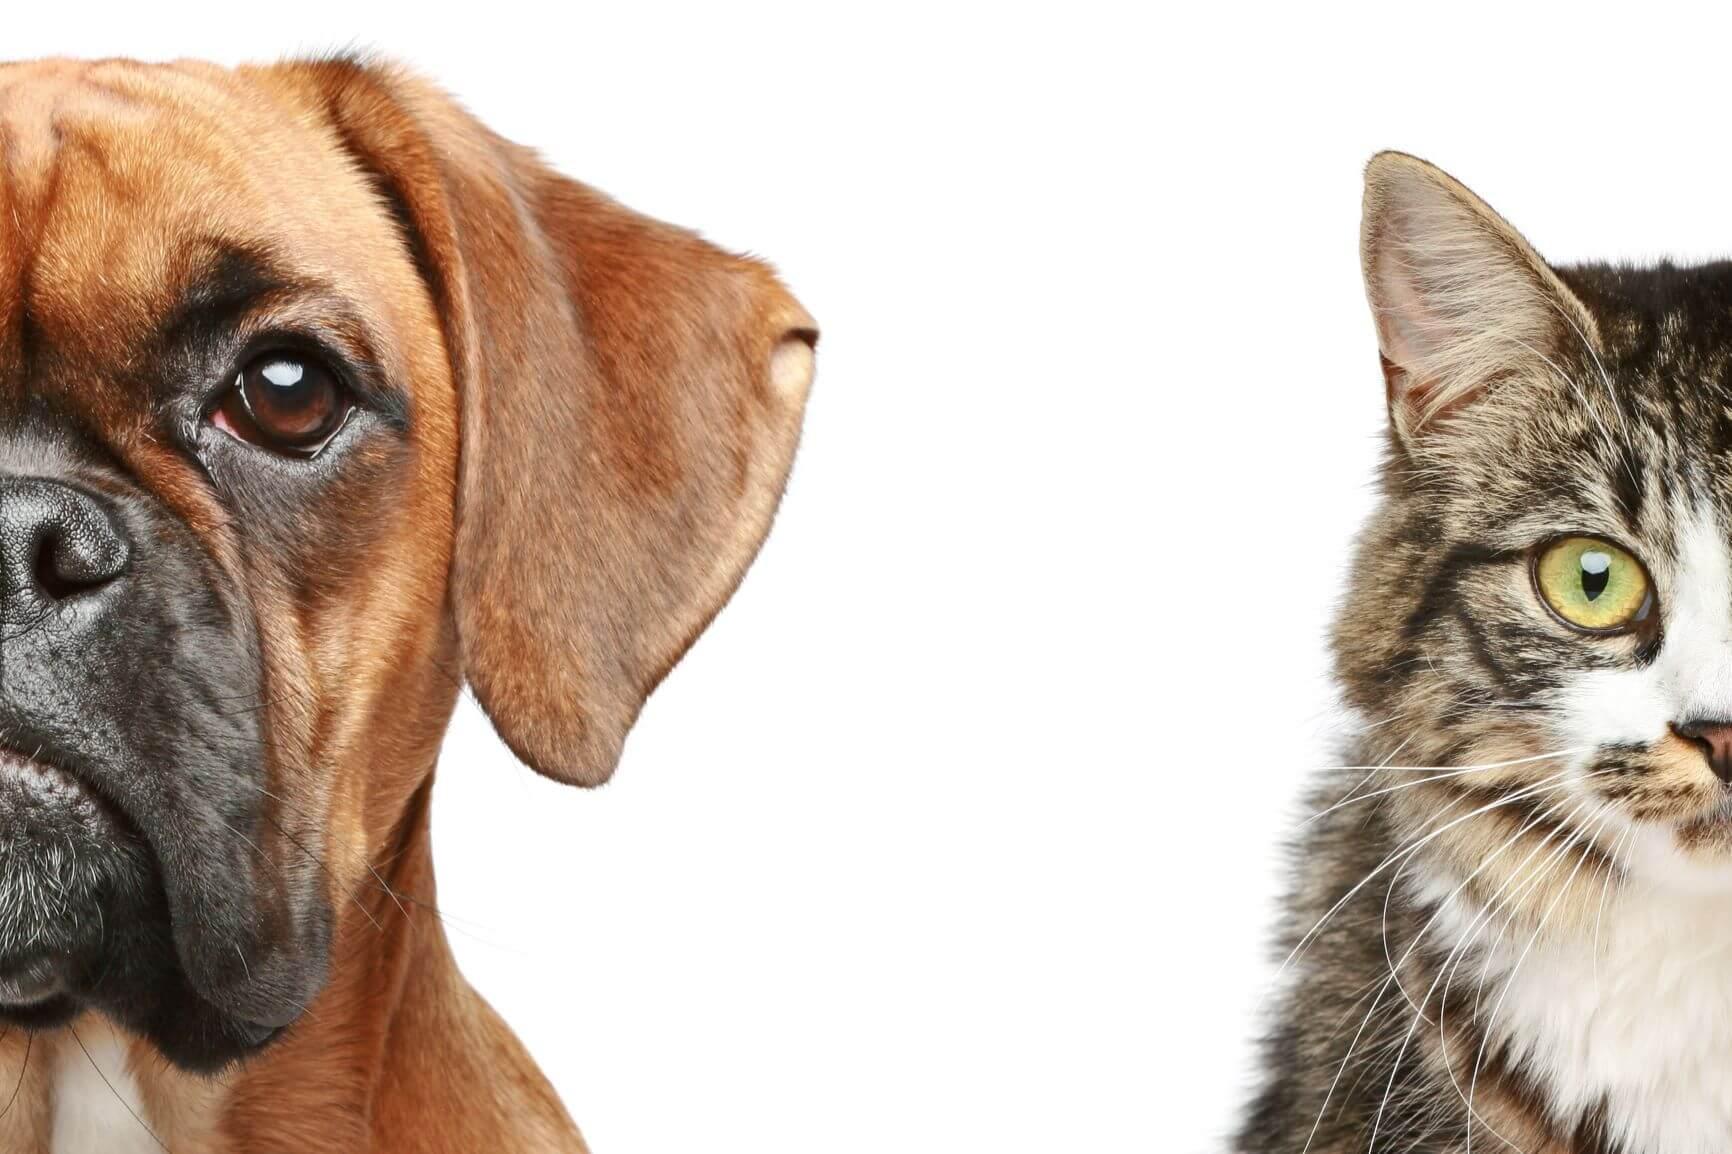 Laboratorní diagnostika je důležitým článkem v procesem stanovení diagnózy a pro zahájení účinné terapie zvířat. Včasná detekce patogenů v populaci zvířat je důležitým článkem v boji proti jejich vzniku a šíření. Výsledky vyšetření slouží nejen jako podklad pro diagnostiku ale je základem ochrany lidí před chorobami přenosnými ze zvířat na člověka.